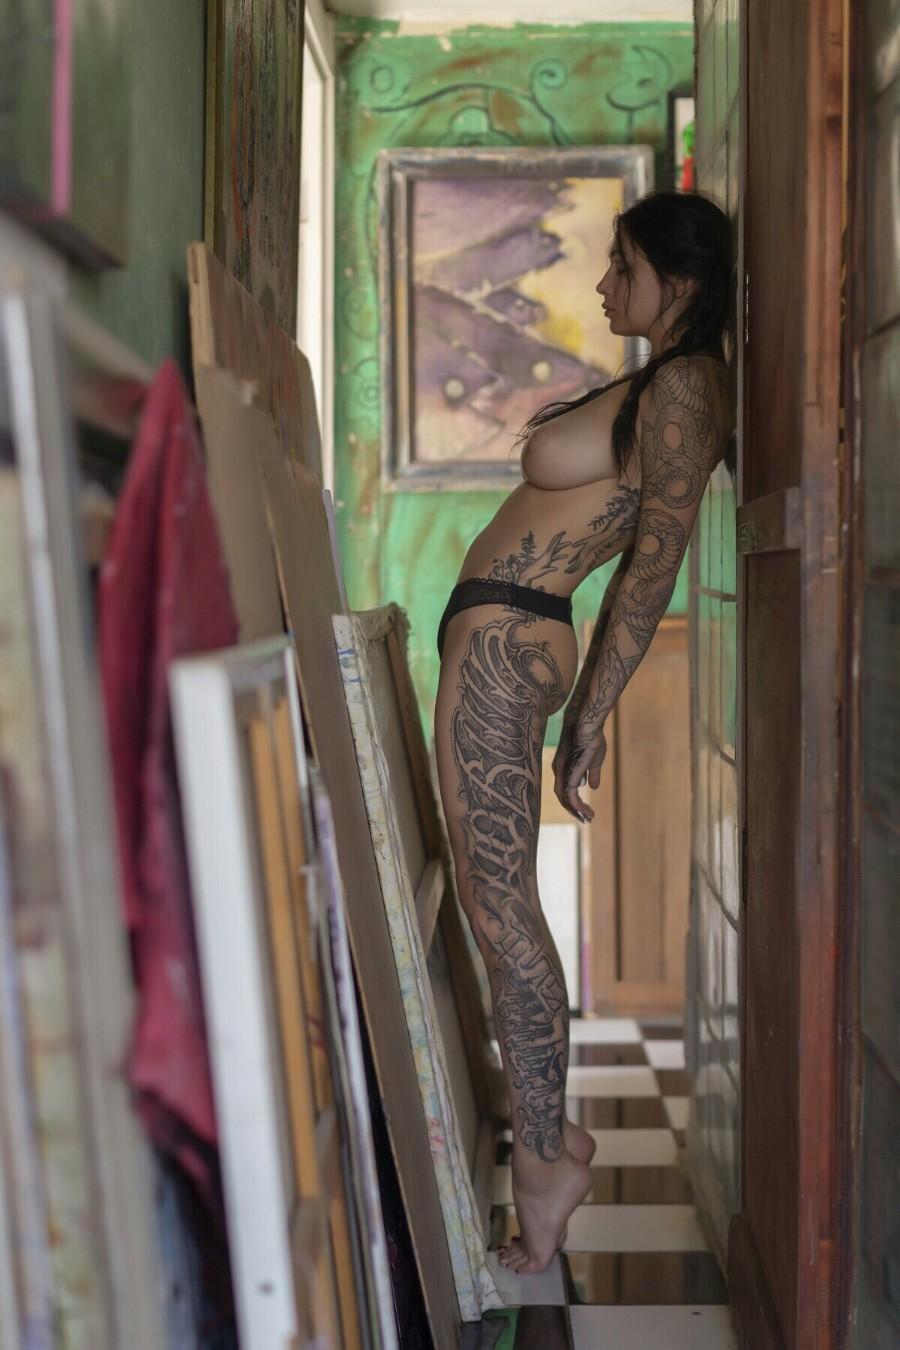 Busty Tattoo Babe Evgenia Talanina Topless Shoot 8 Photos -9573